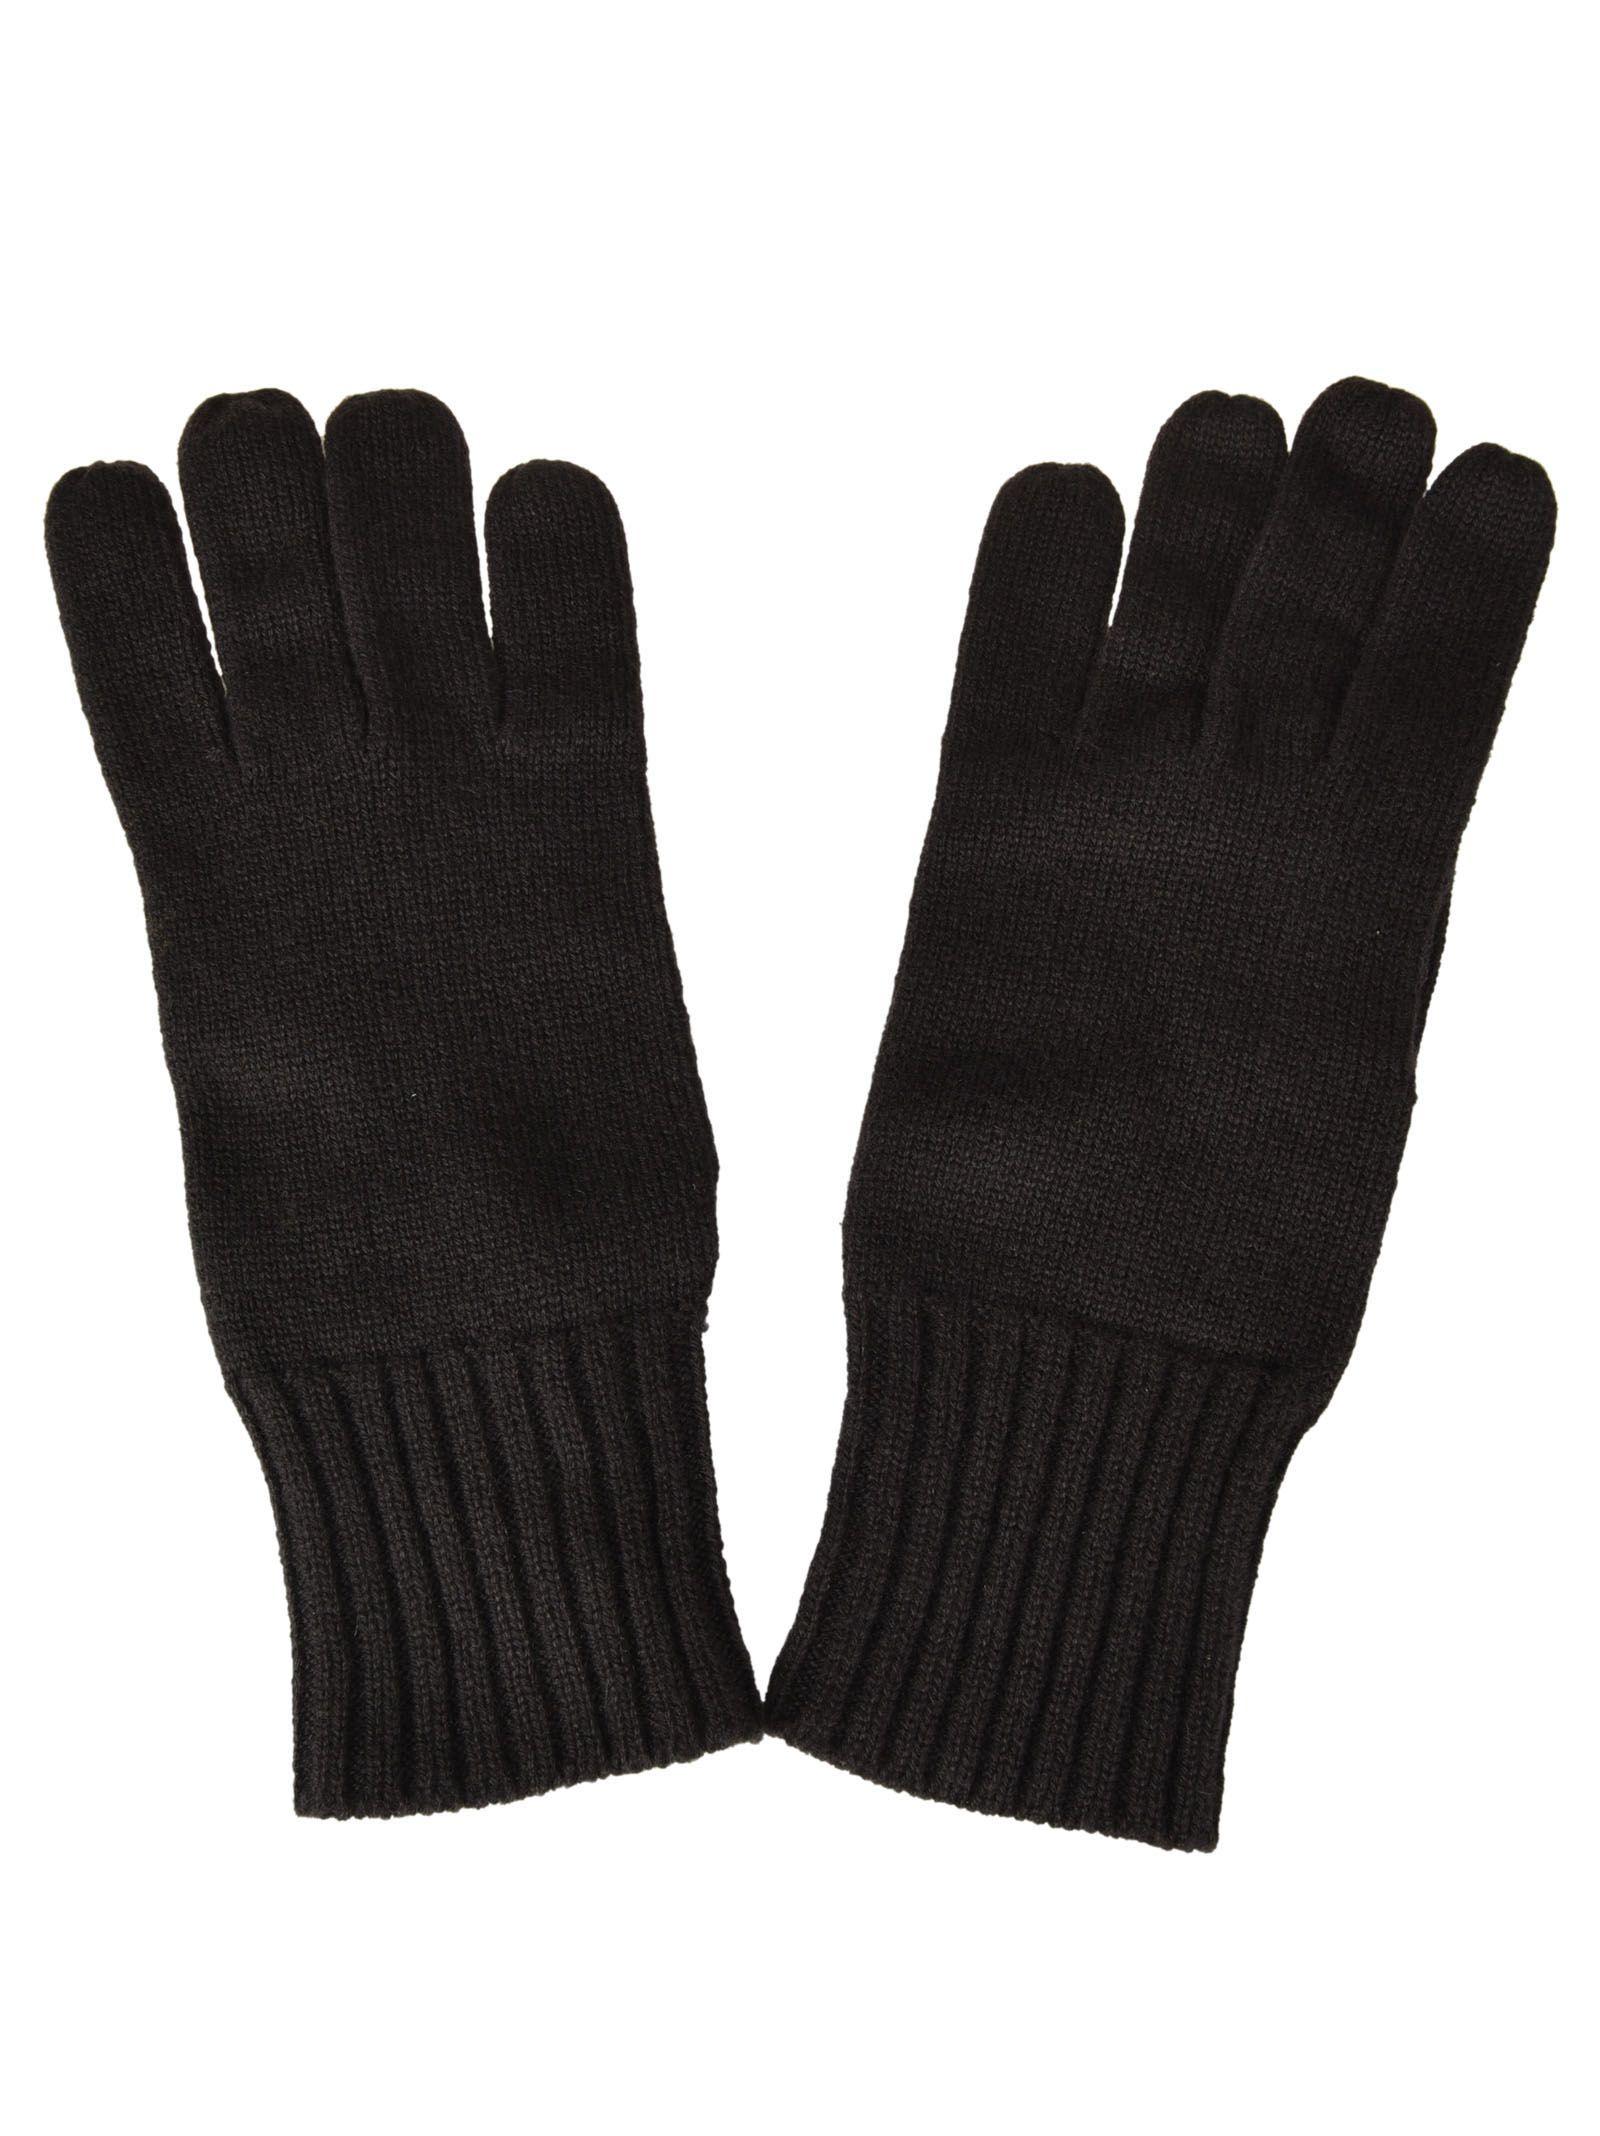 Fedeli Knitted Gloves